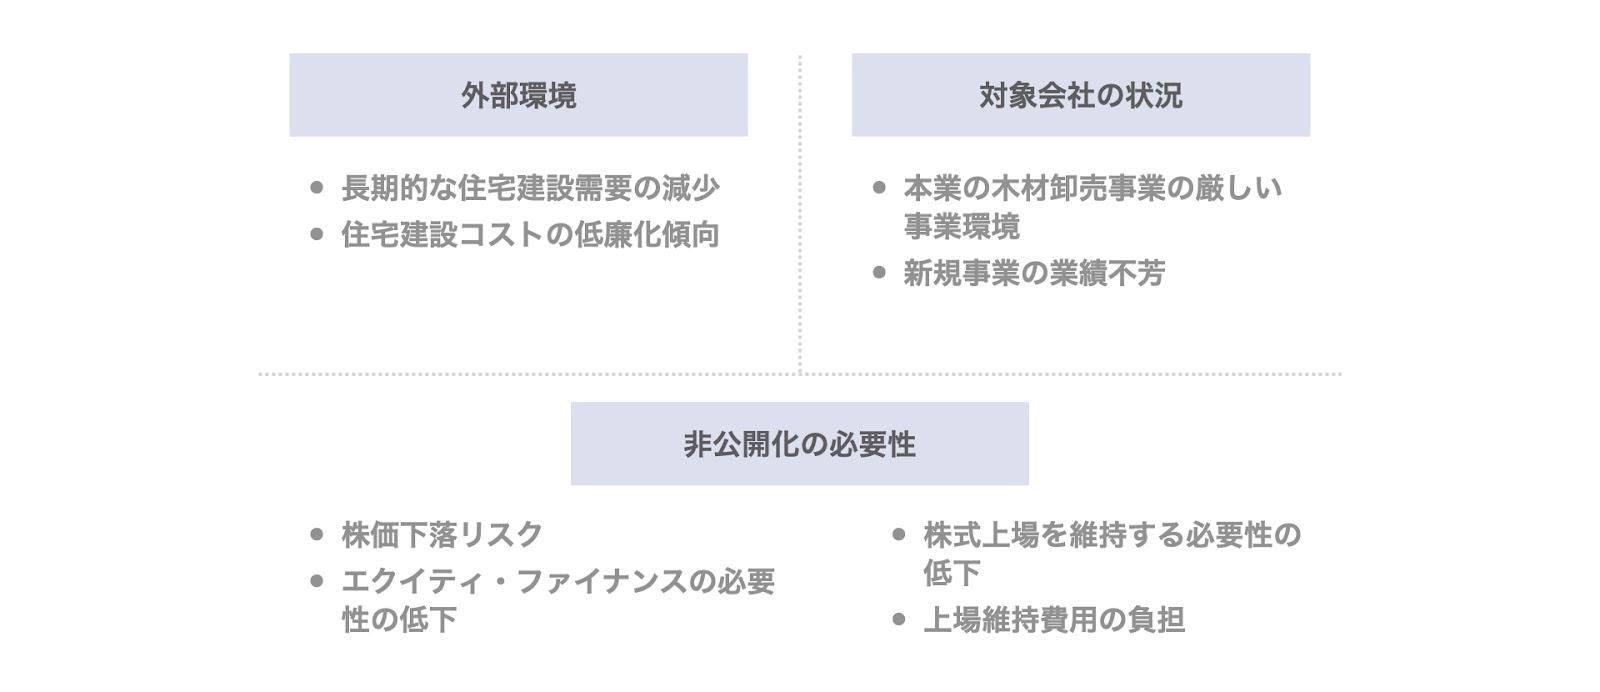 事例2. 名古屋木材のデットMBO(岡崎信金)の背景・目的